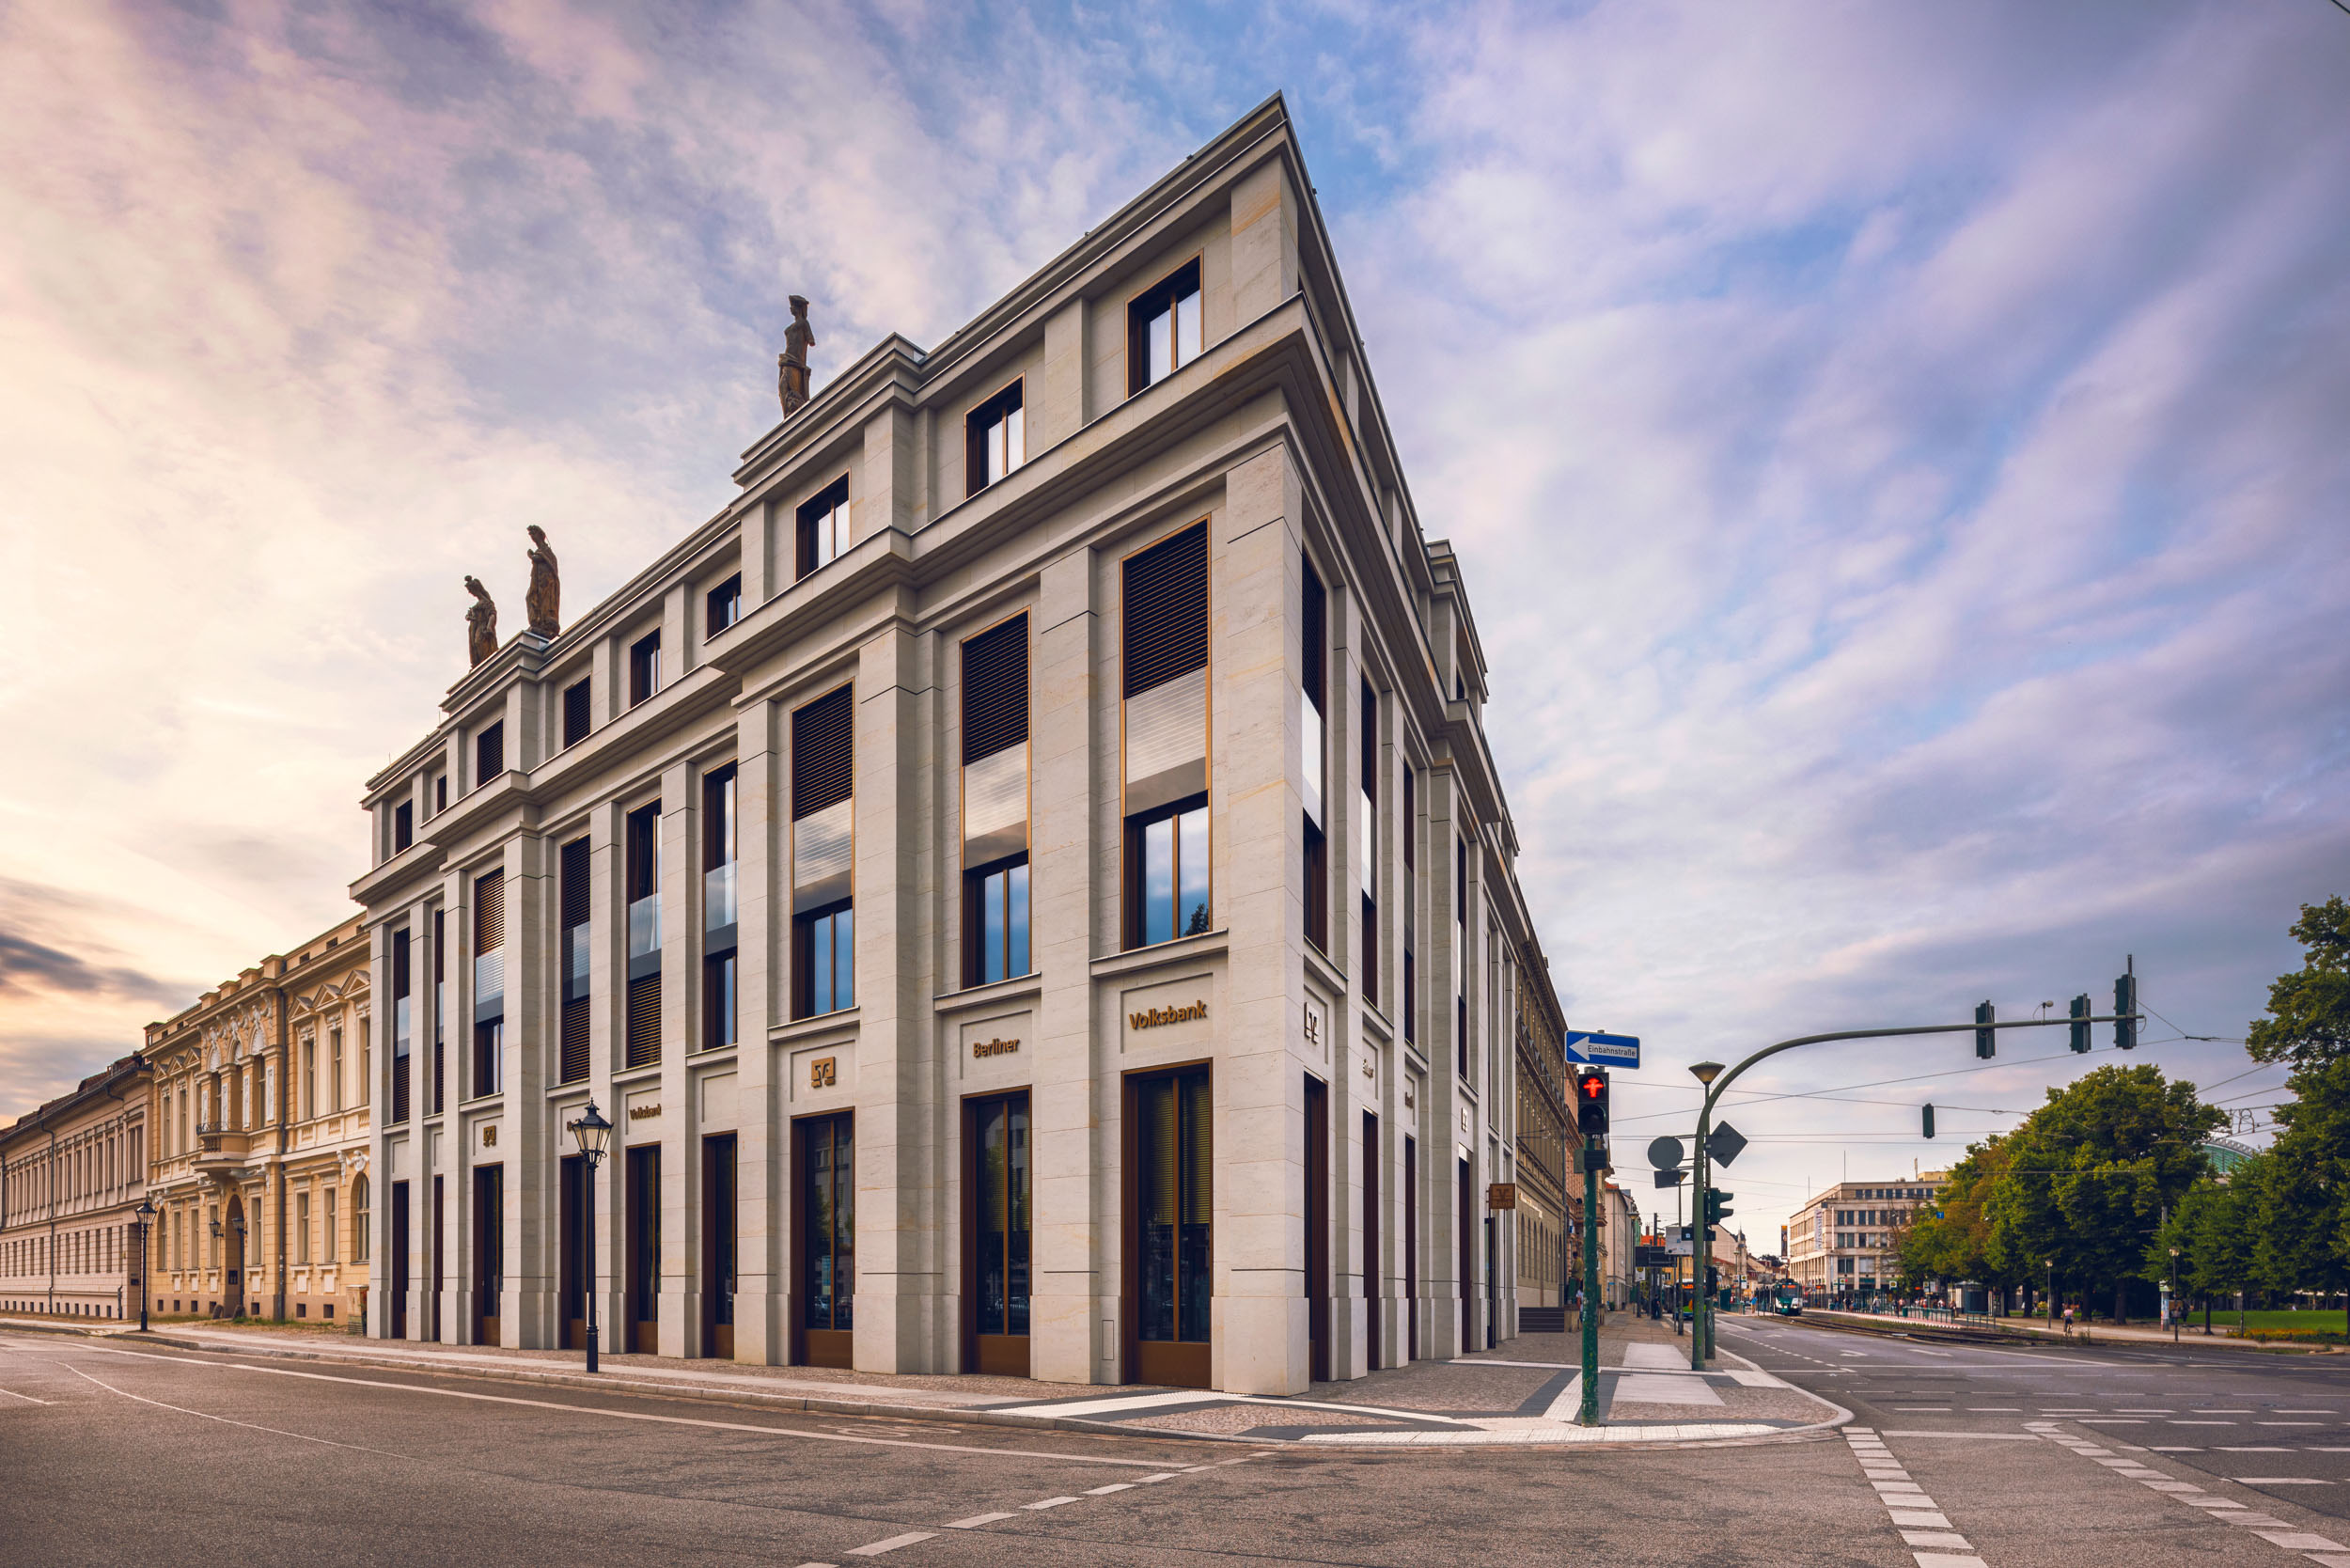 Gustav-Epple-Bauunternehmung-Volksbank-Berlin_MLX5709